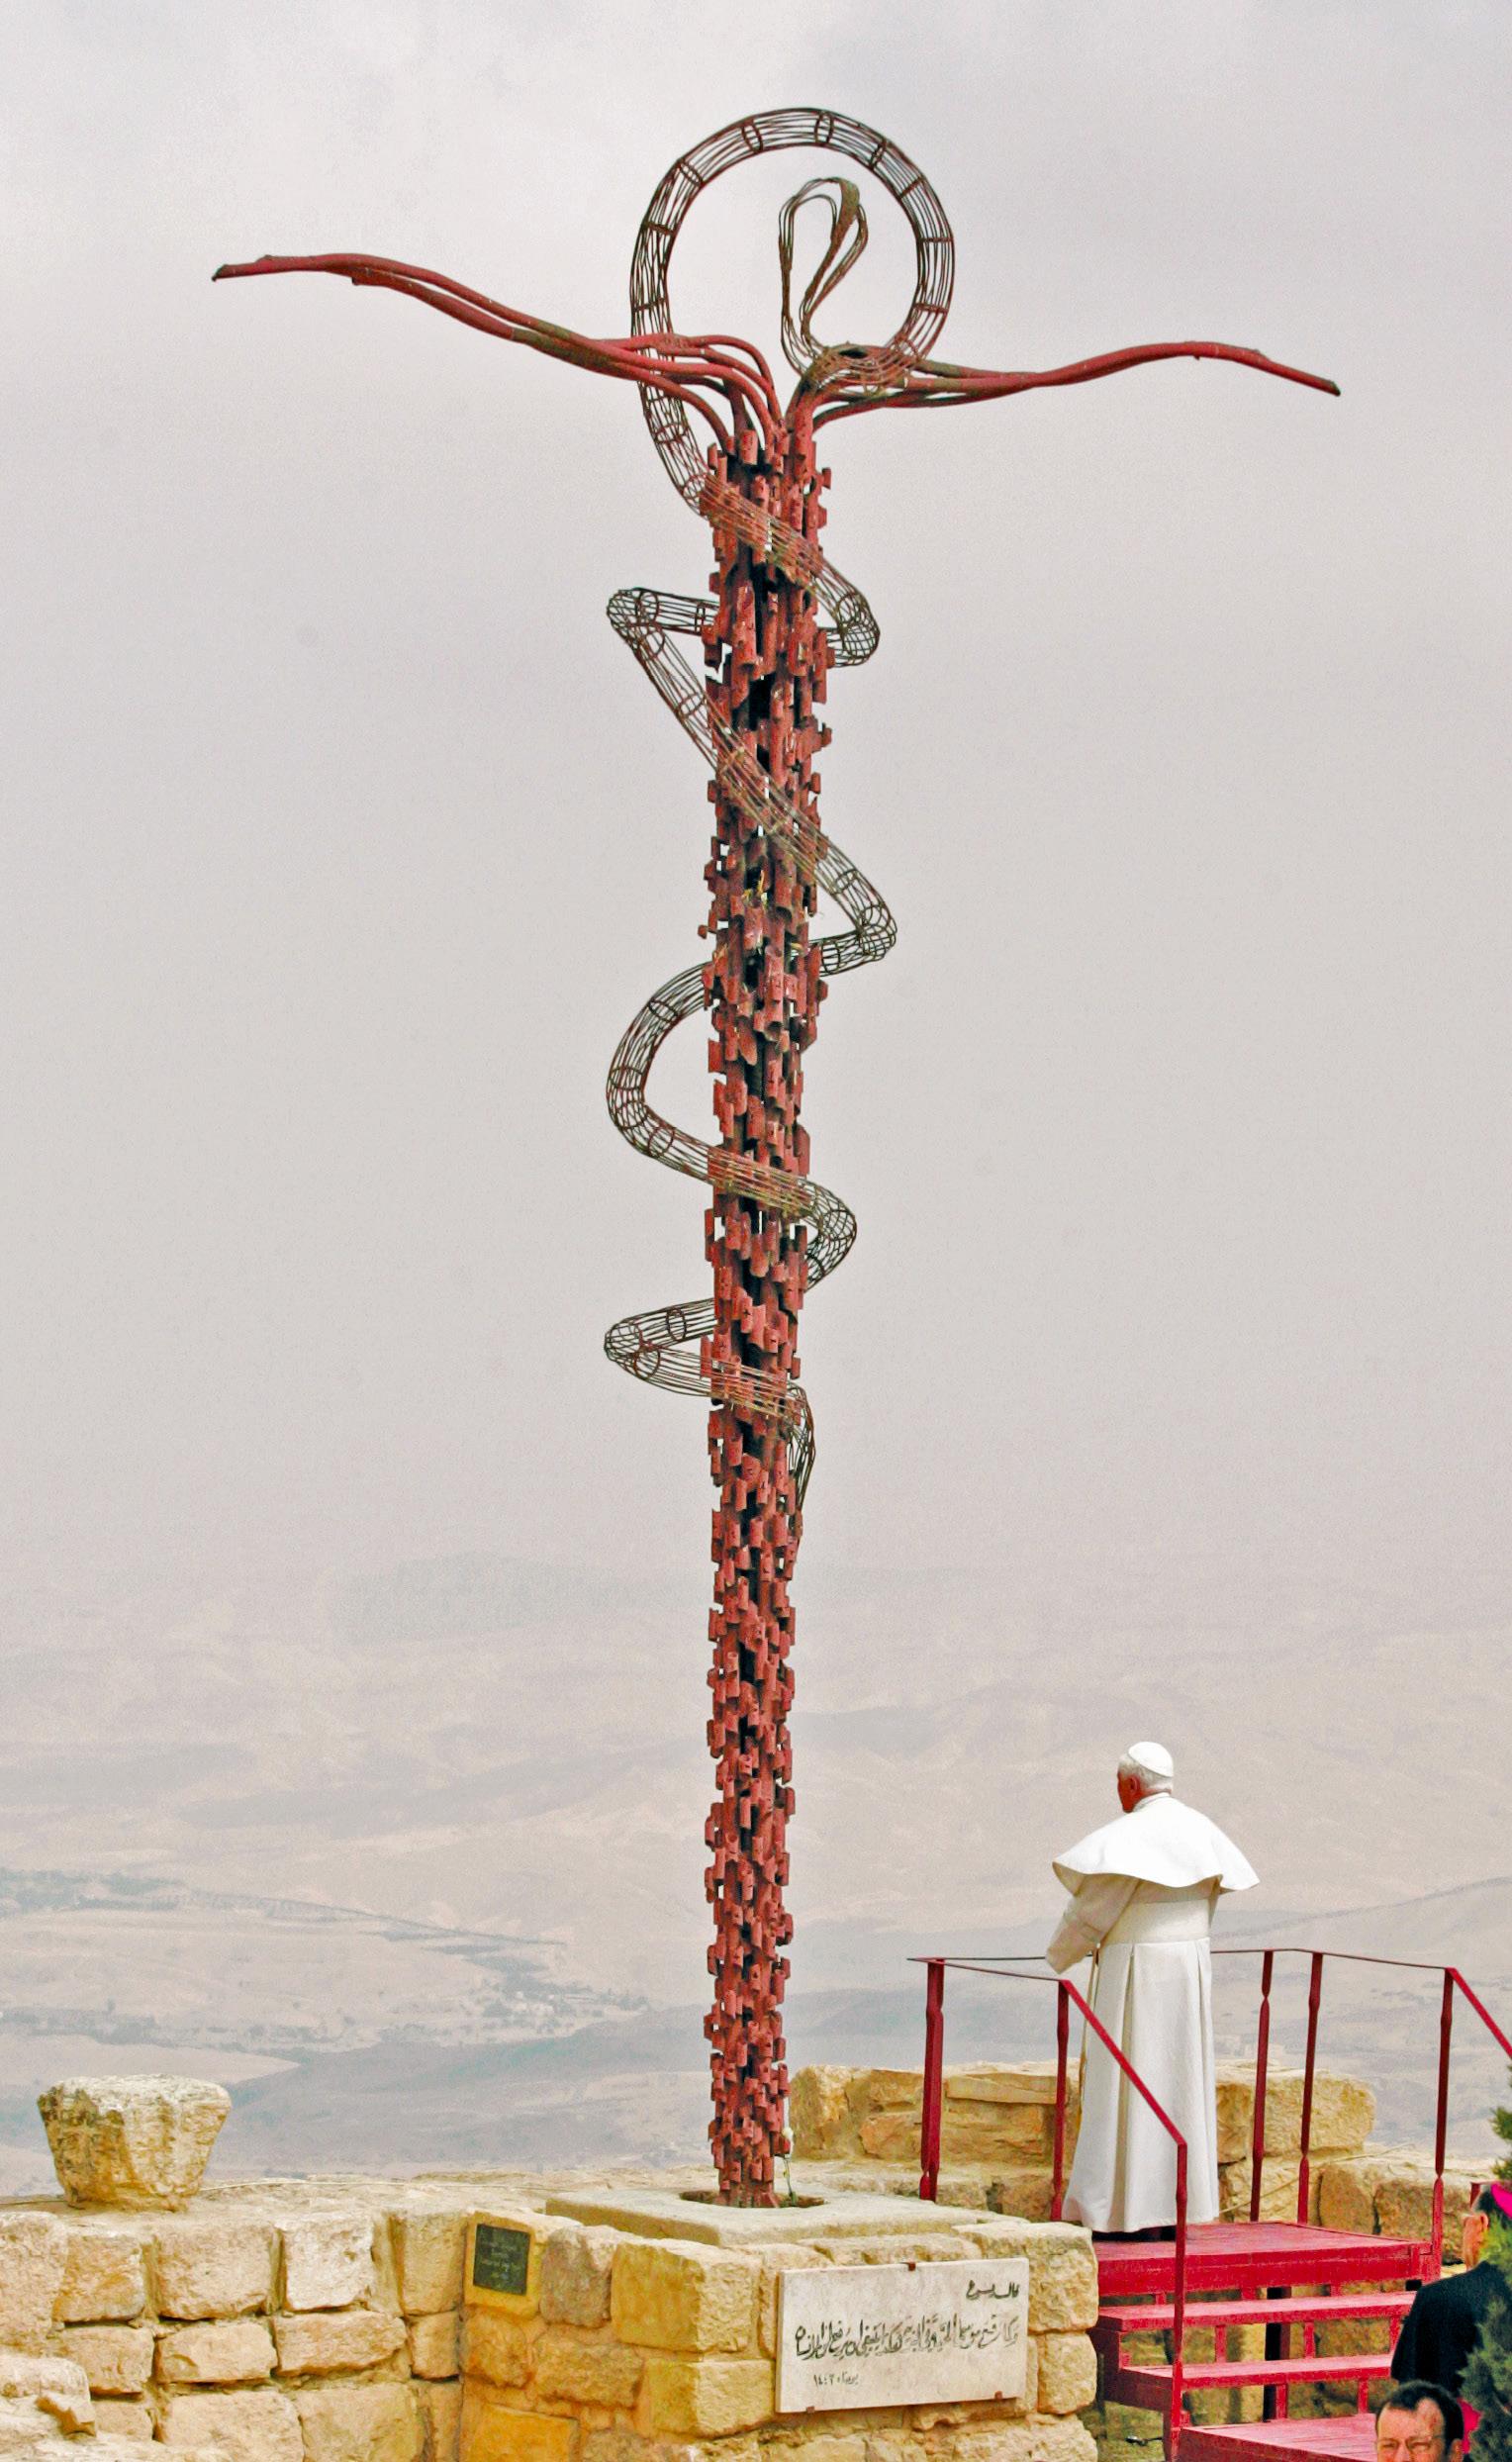 Bento XVI, a 9 de maio de 200, reza, olhando para Jerusalém, junto à serpente de bronze, escultura do artista italiano Giovanni Fantoni, no local da antiga Basílica e Memorial de Moisés, no monte Nebo, Jordânia. Este é o local onde Moisés viu ao longe a Terra Prometida, tendo morrido aqui sem ter entrado na Terra Prometida.